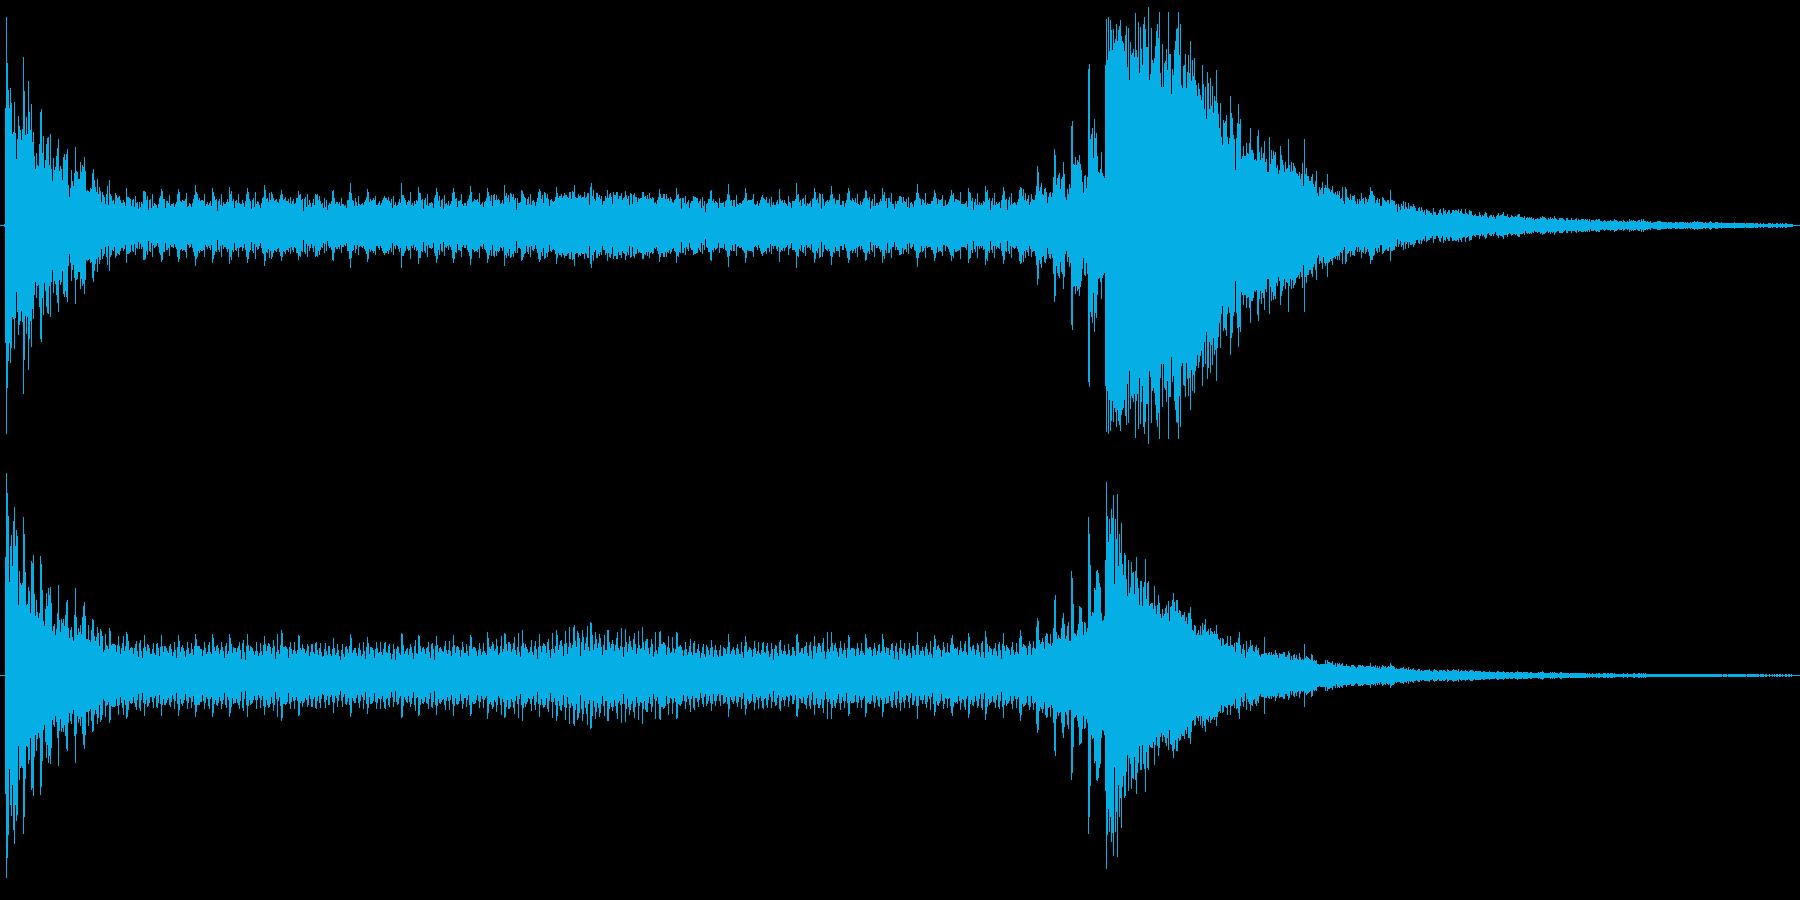 ドゥルルル・・ジャーン!(ドラムロール)の再生済みの波形